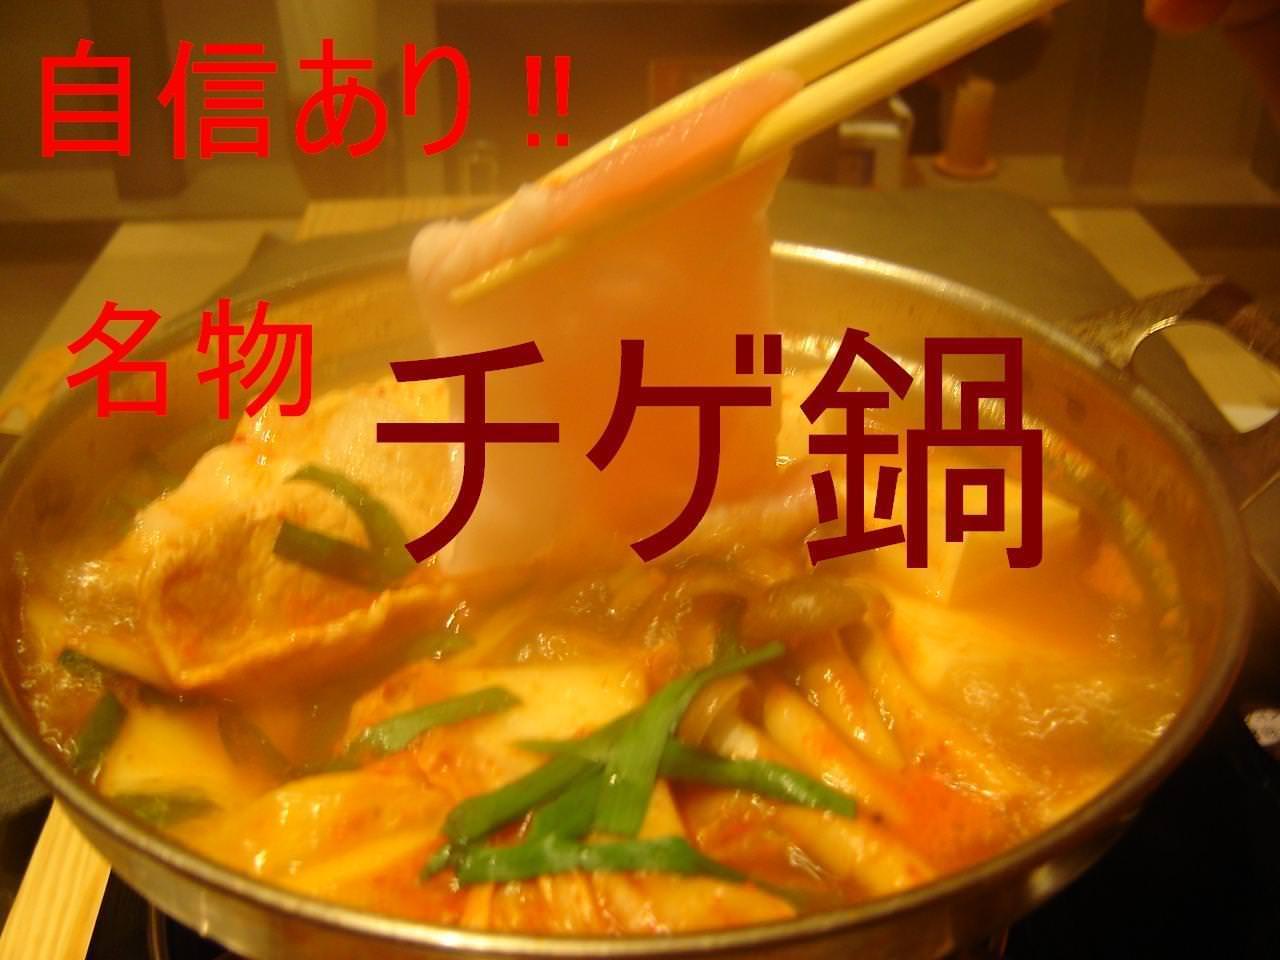 長崎芳寿豚と豆腐のチゲ鍋(680円)